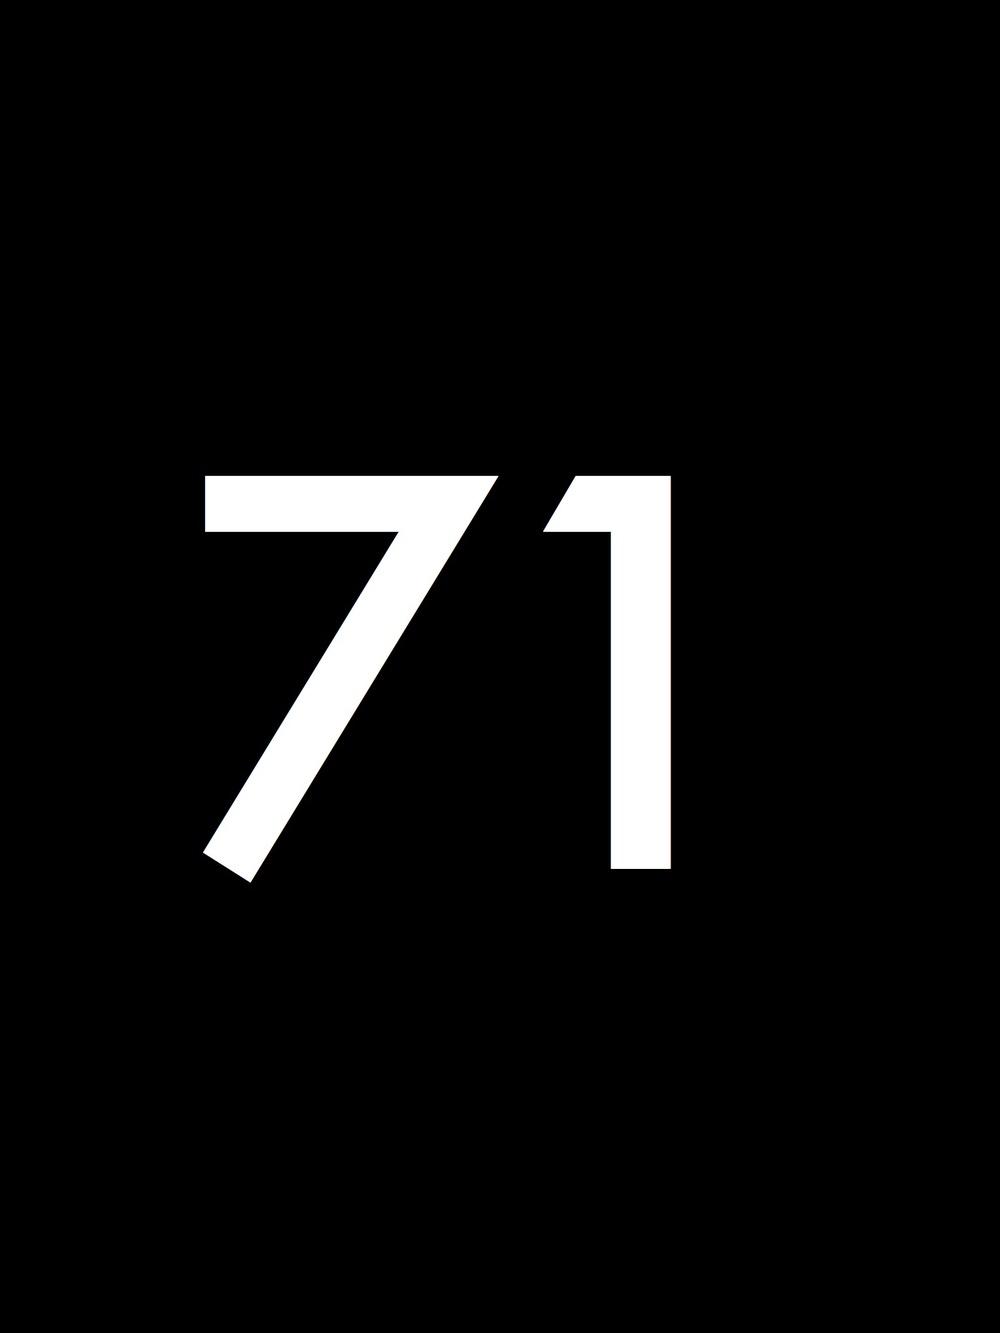 Black_Number.071.jpg